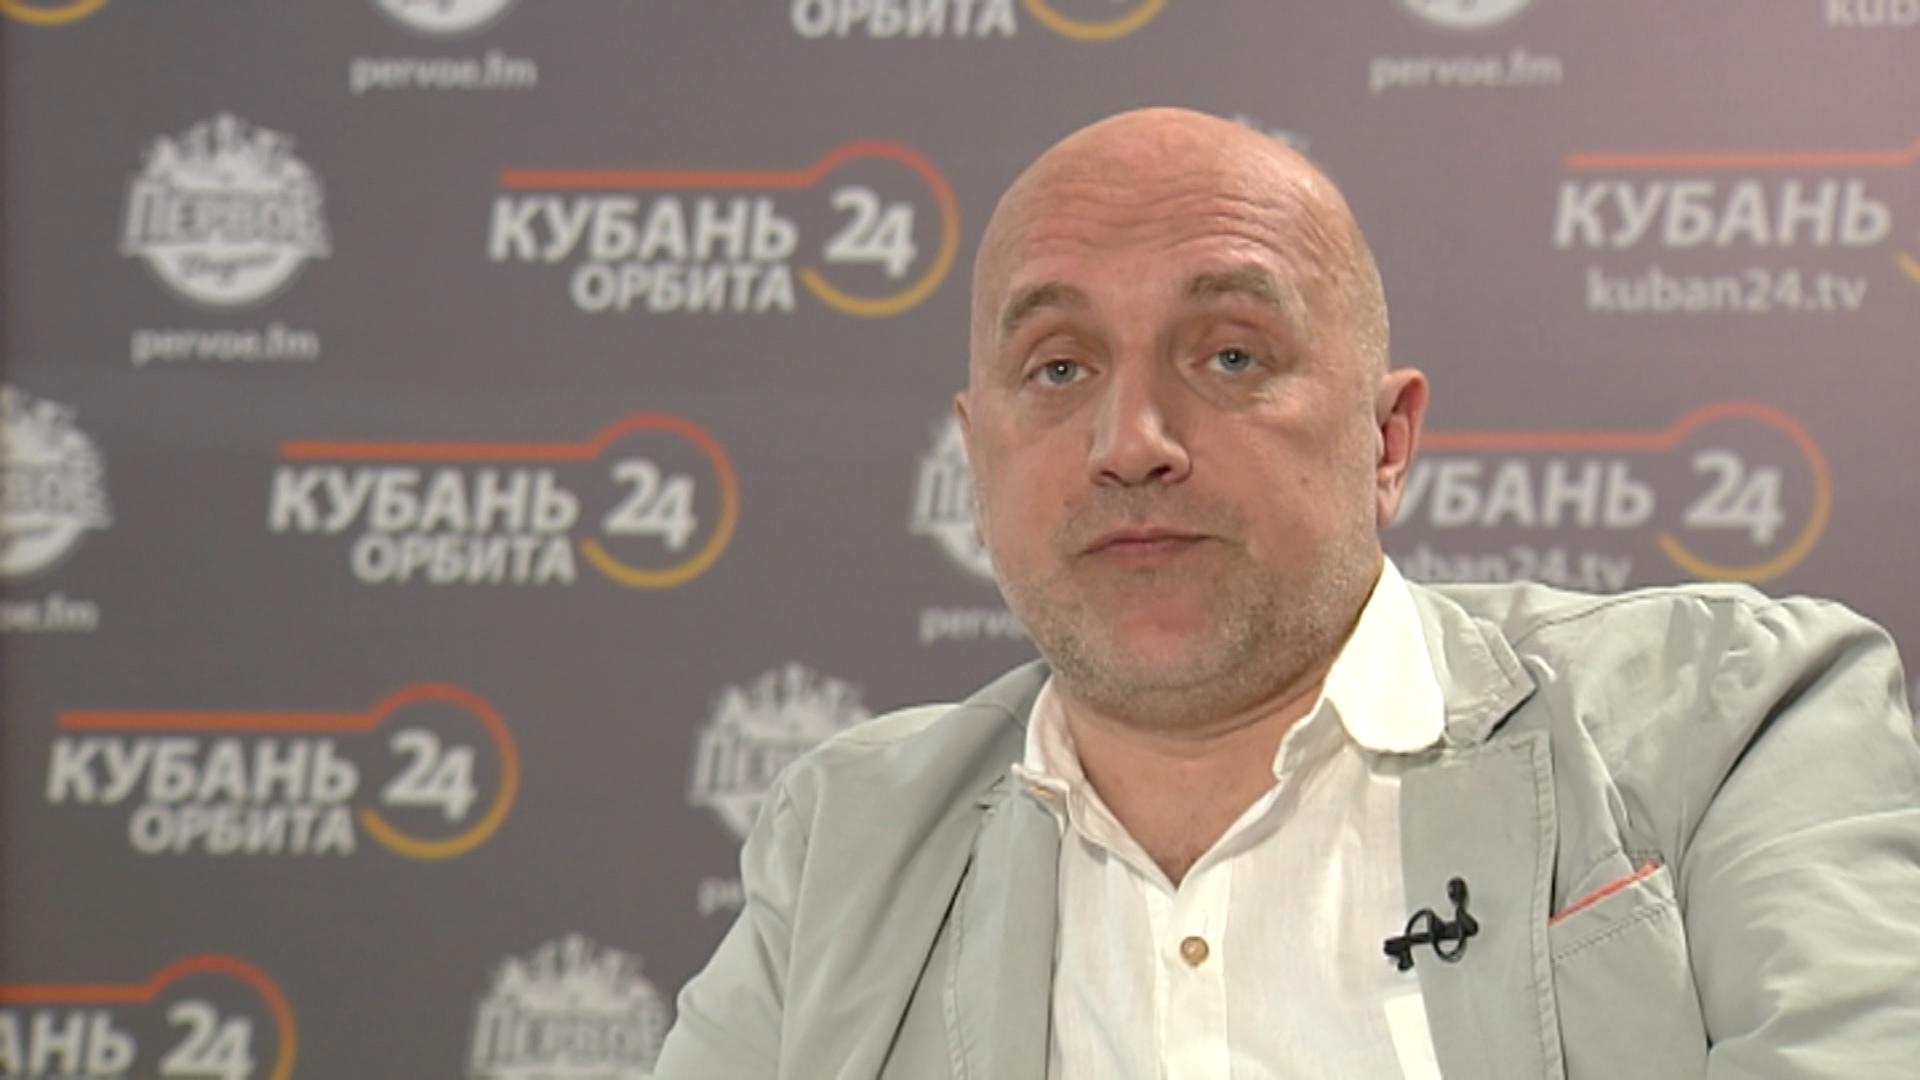 Писатель Захар Прилепин: воспроизвести еще одного Льва Толстого невозможно